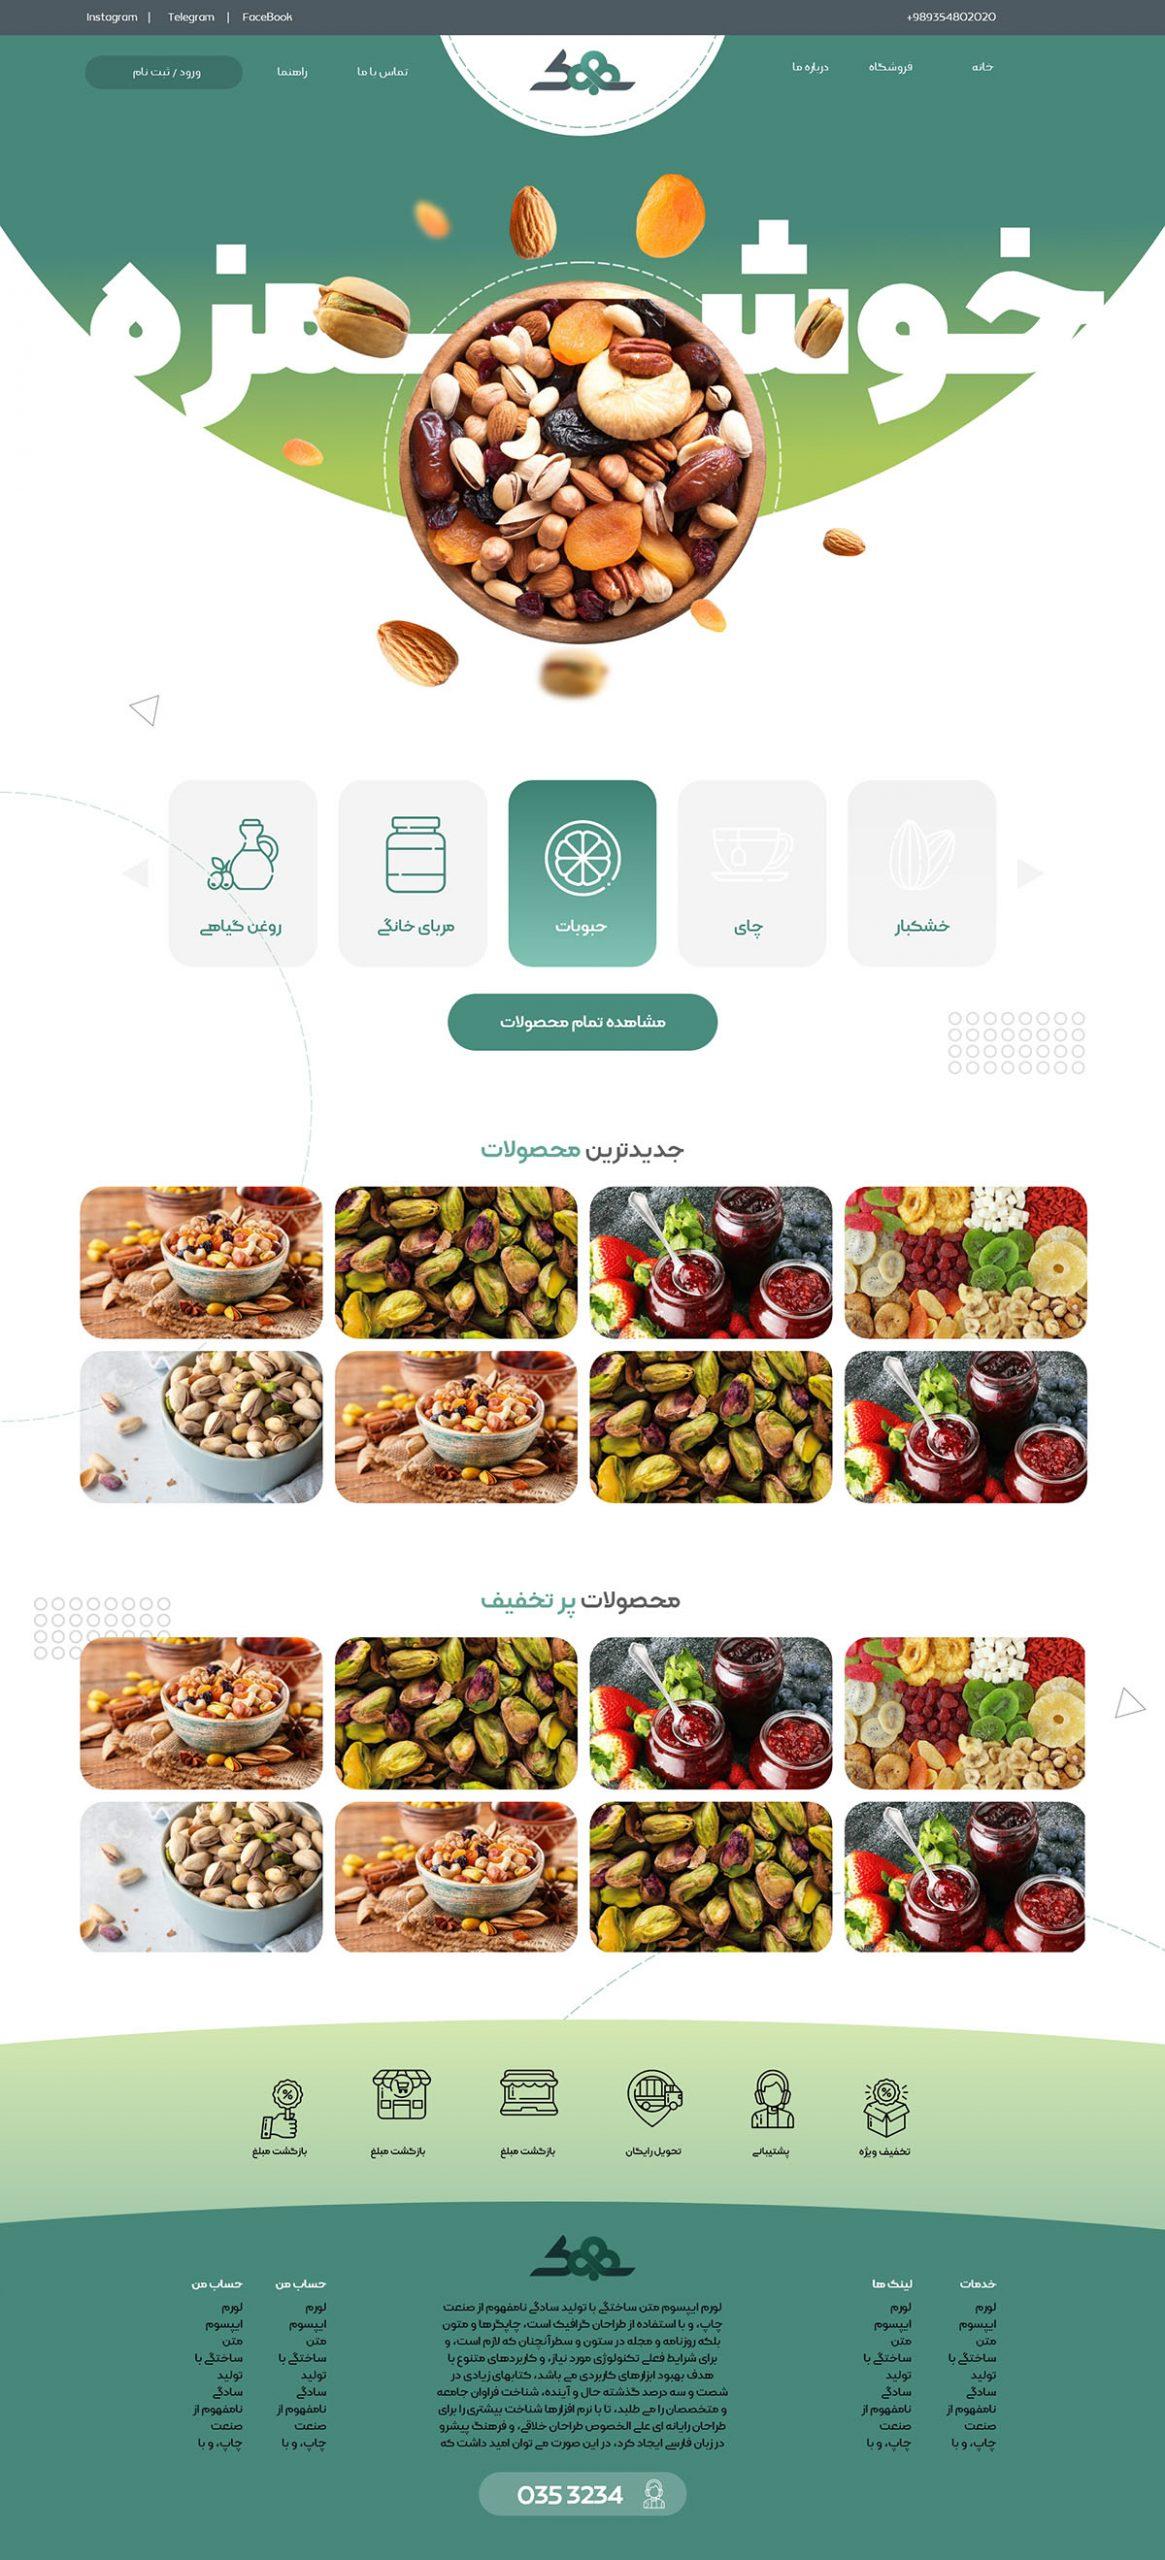 طراحی وبسایت بهک - فروش انواع خشکبار و محصولات ارگانیک